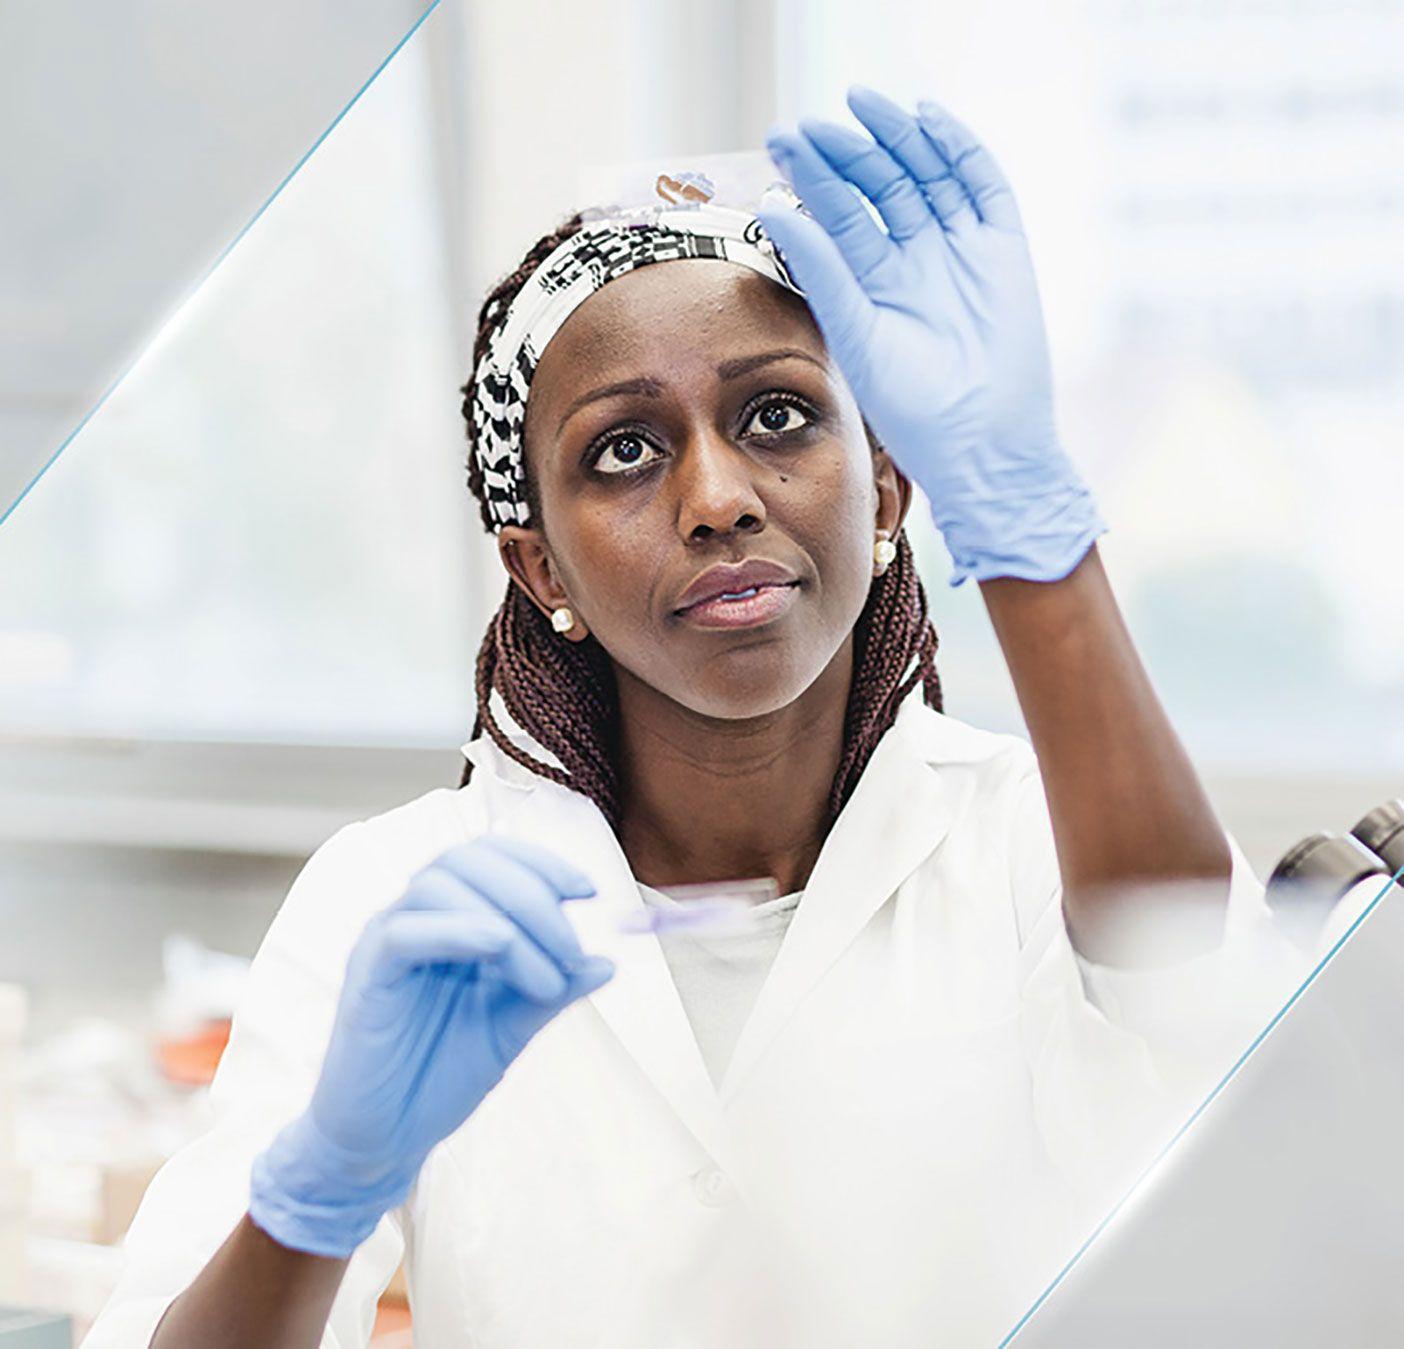 Anatomic pathology provider examining IHC slide